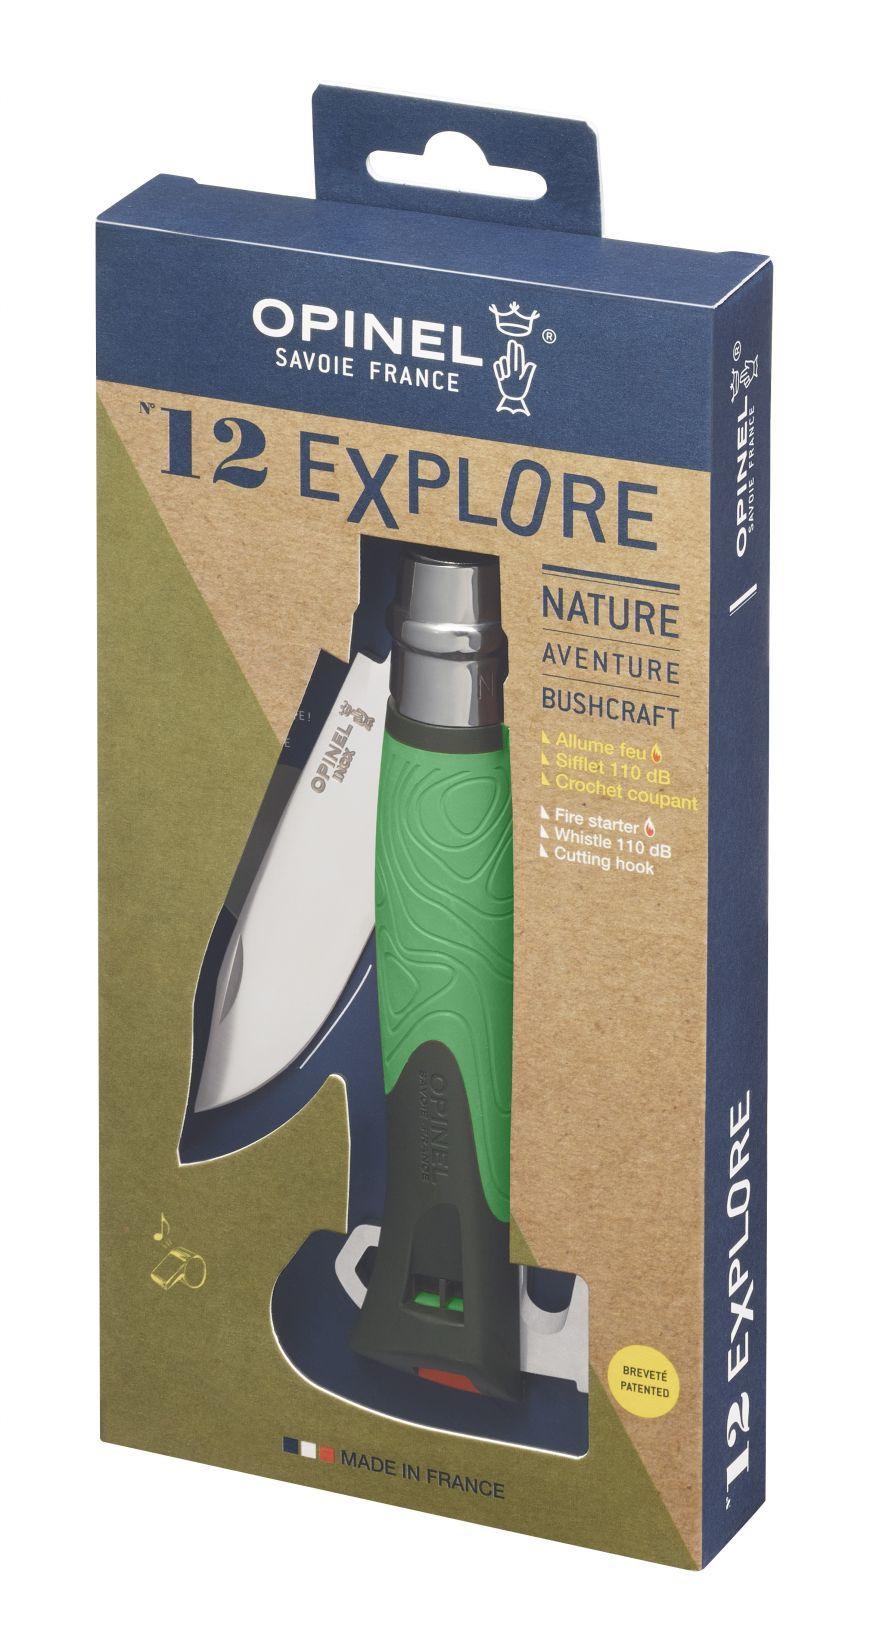 Фото 5 - Складной нож Opinel №12 Explore, нержавеющая сталь Sandvick 12C27, рукоять термопластик, зеленый